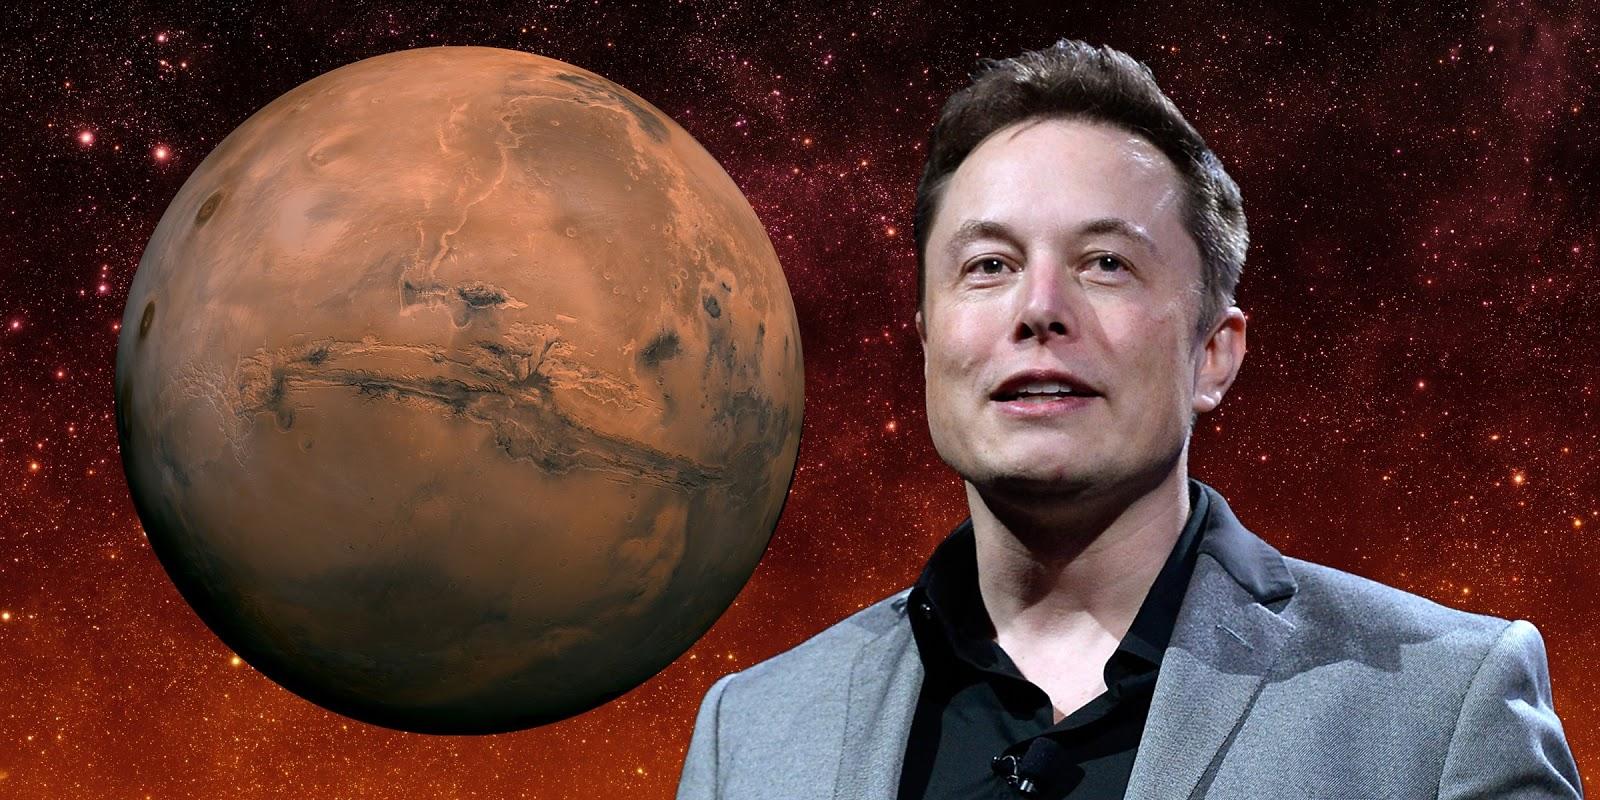 Elon Musk, Mars